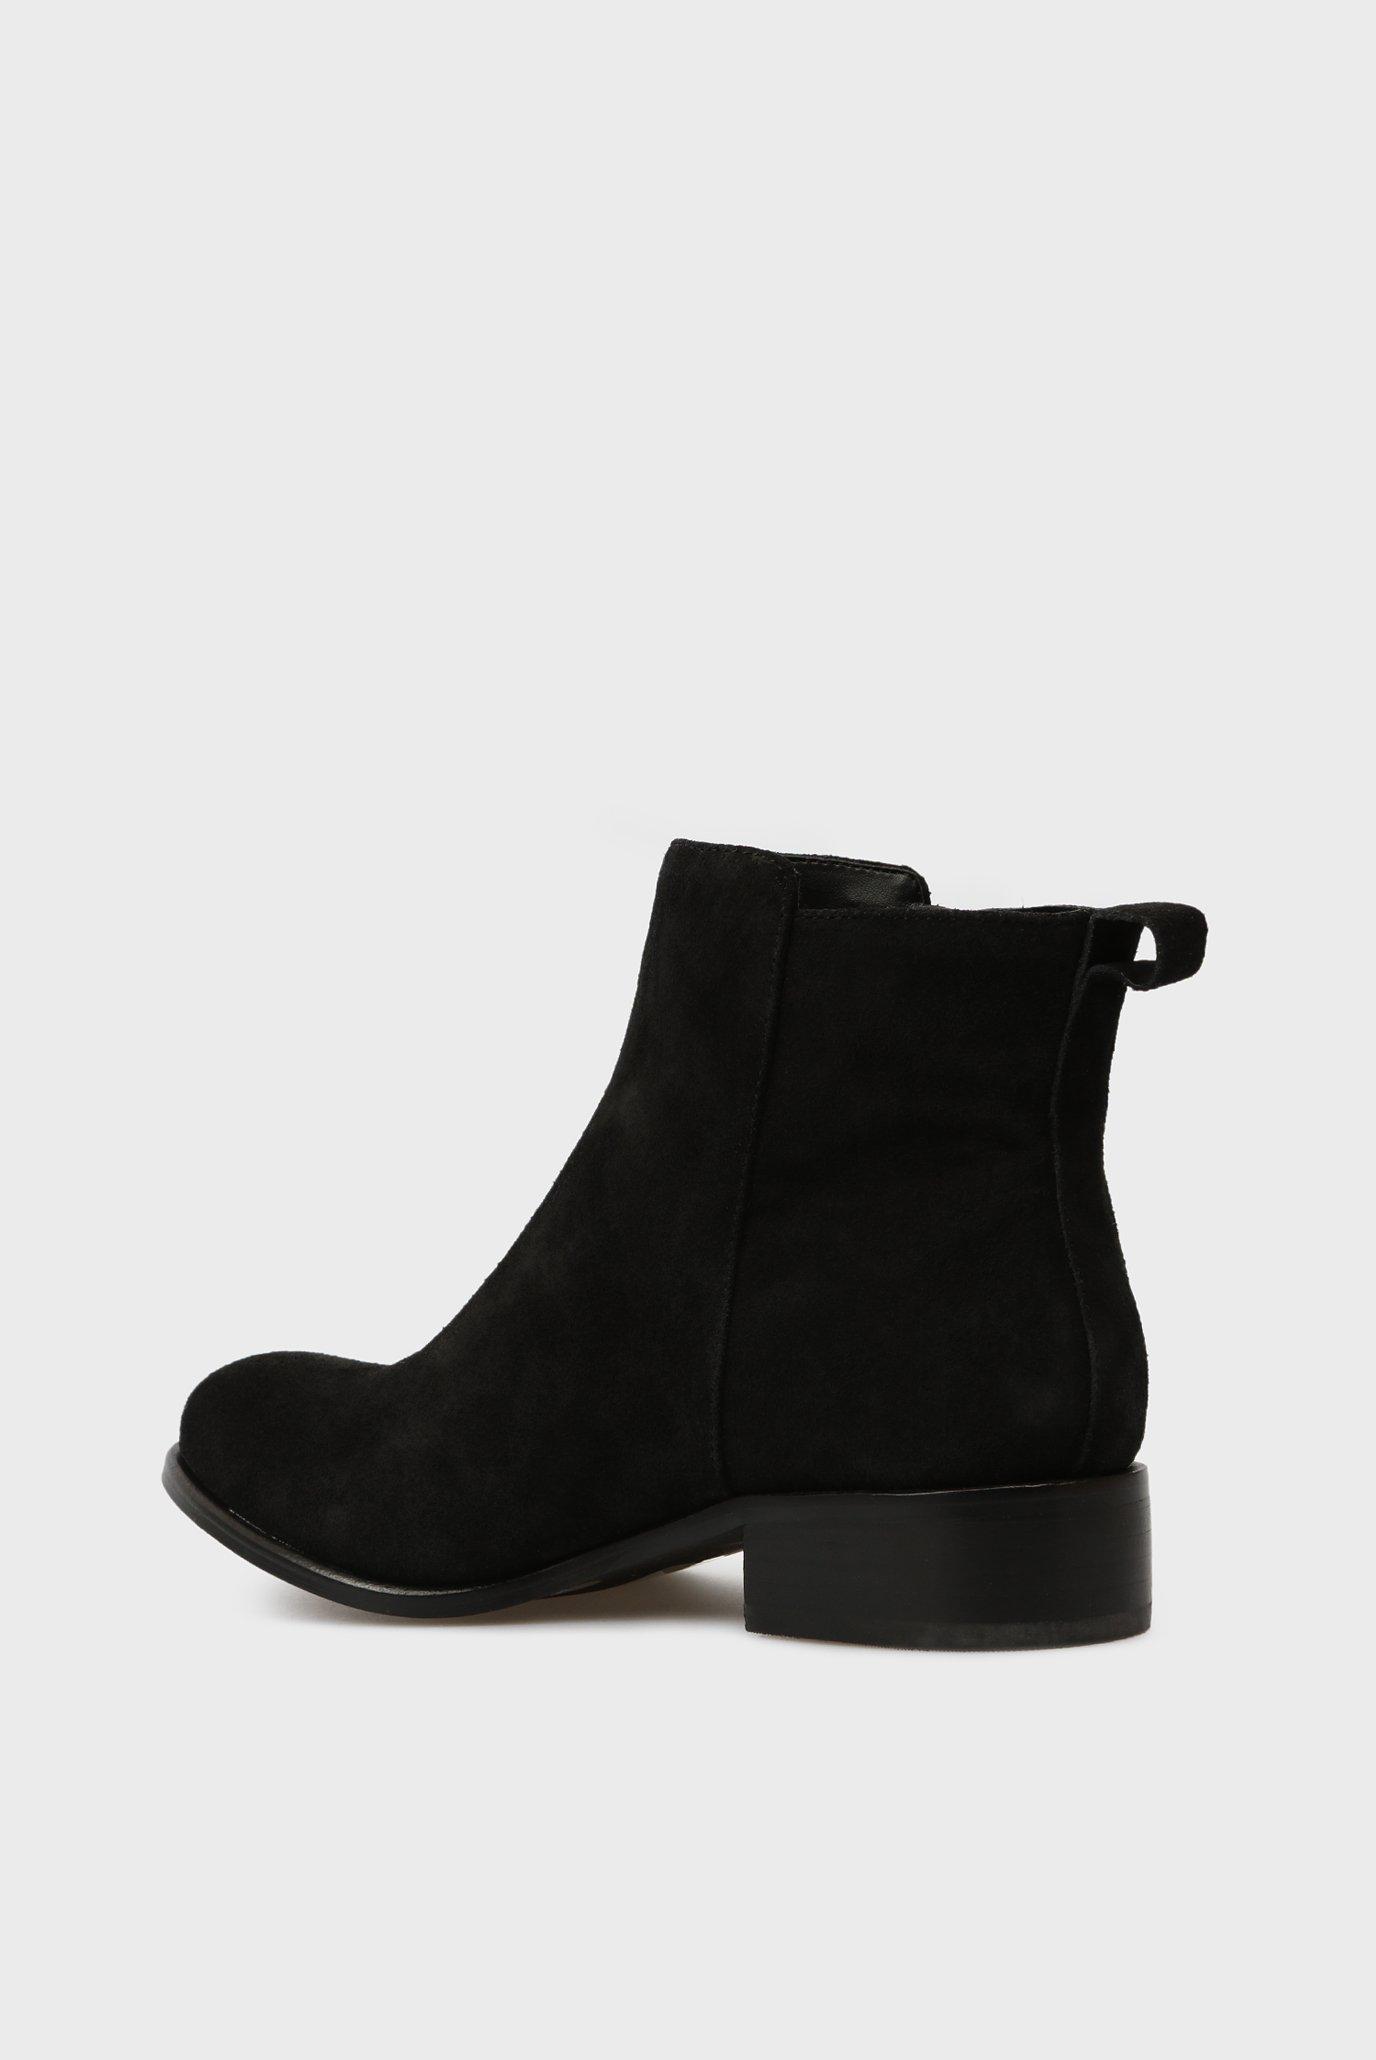 Купить Женские черные замшевые ботинки Jessica Simpson Jessica Simpson JS-KESARIA – Киев, Украина. Цены в интернет магазине MD Fashion